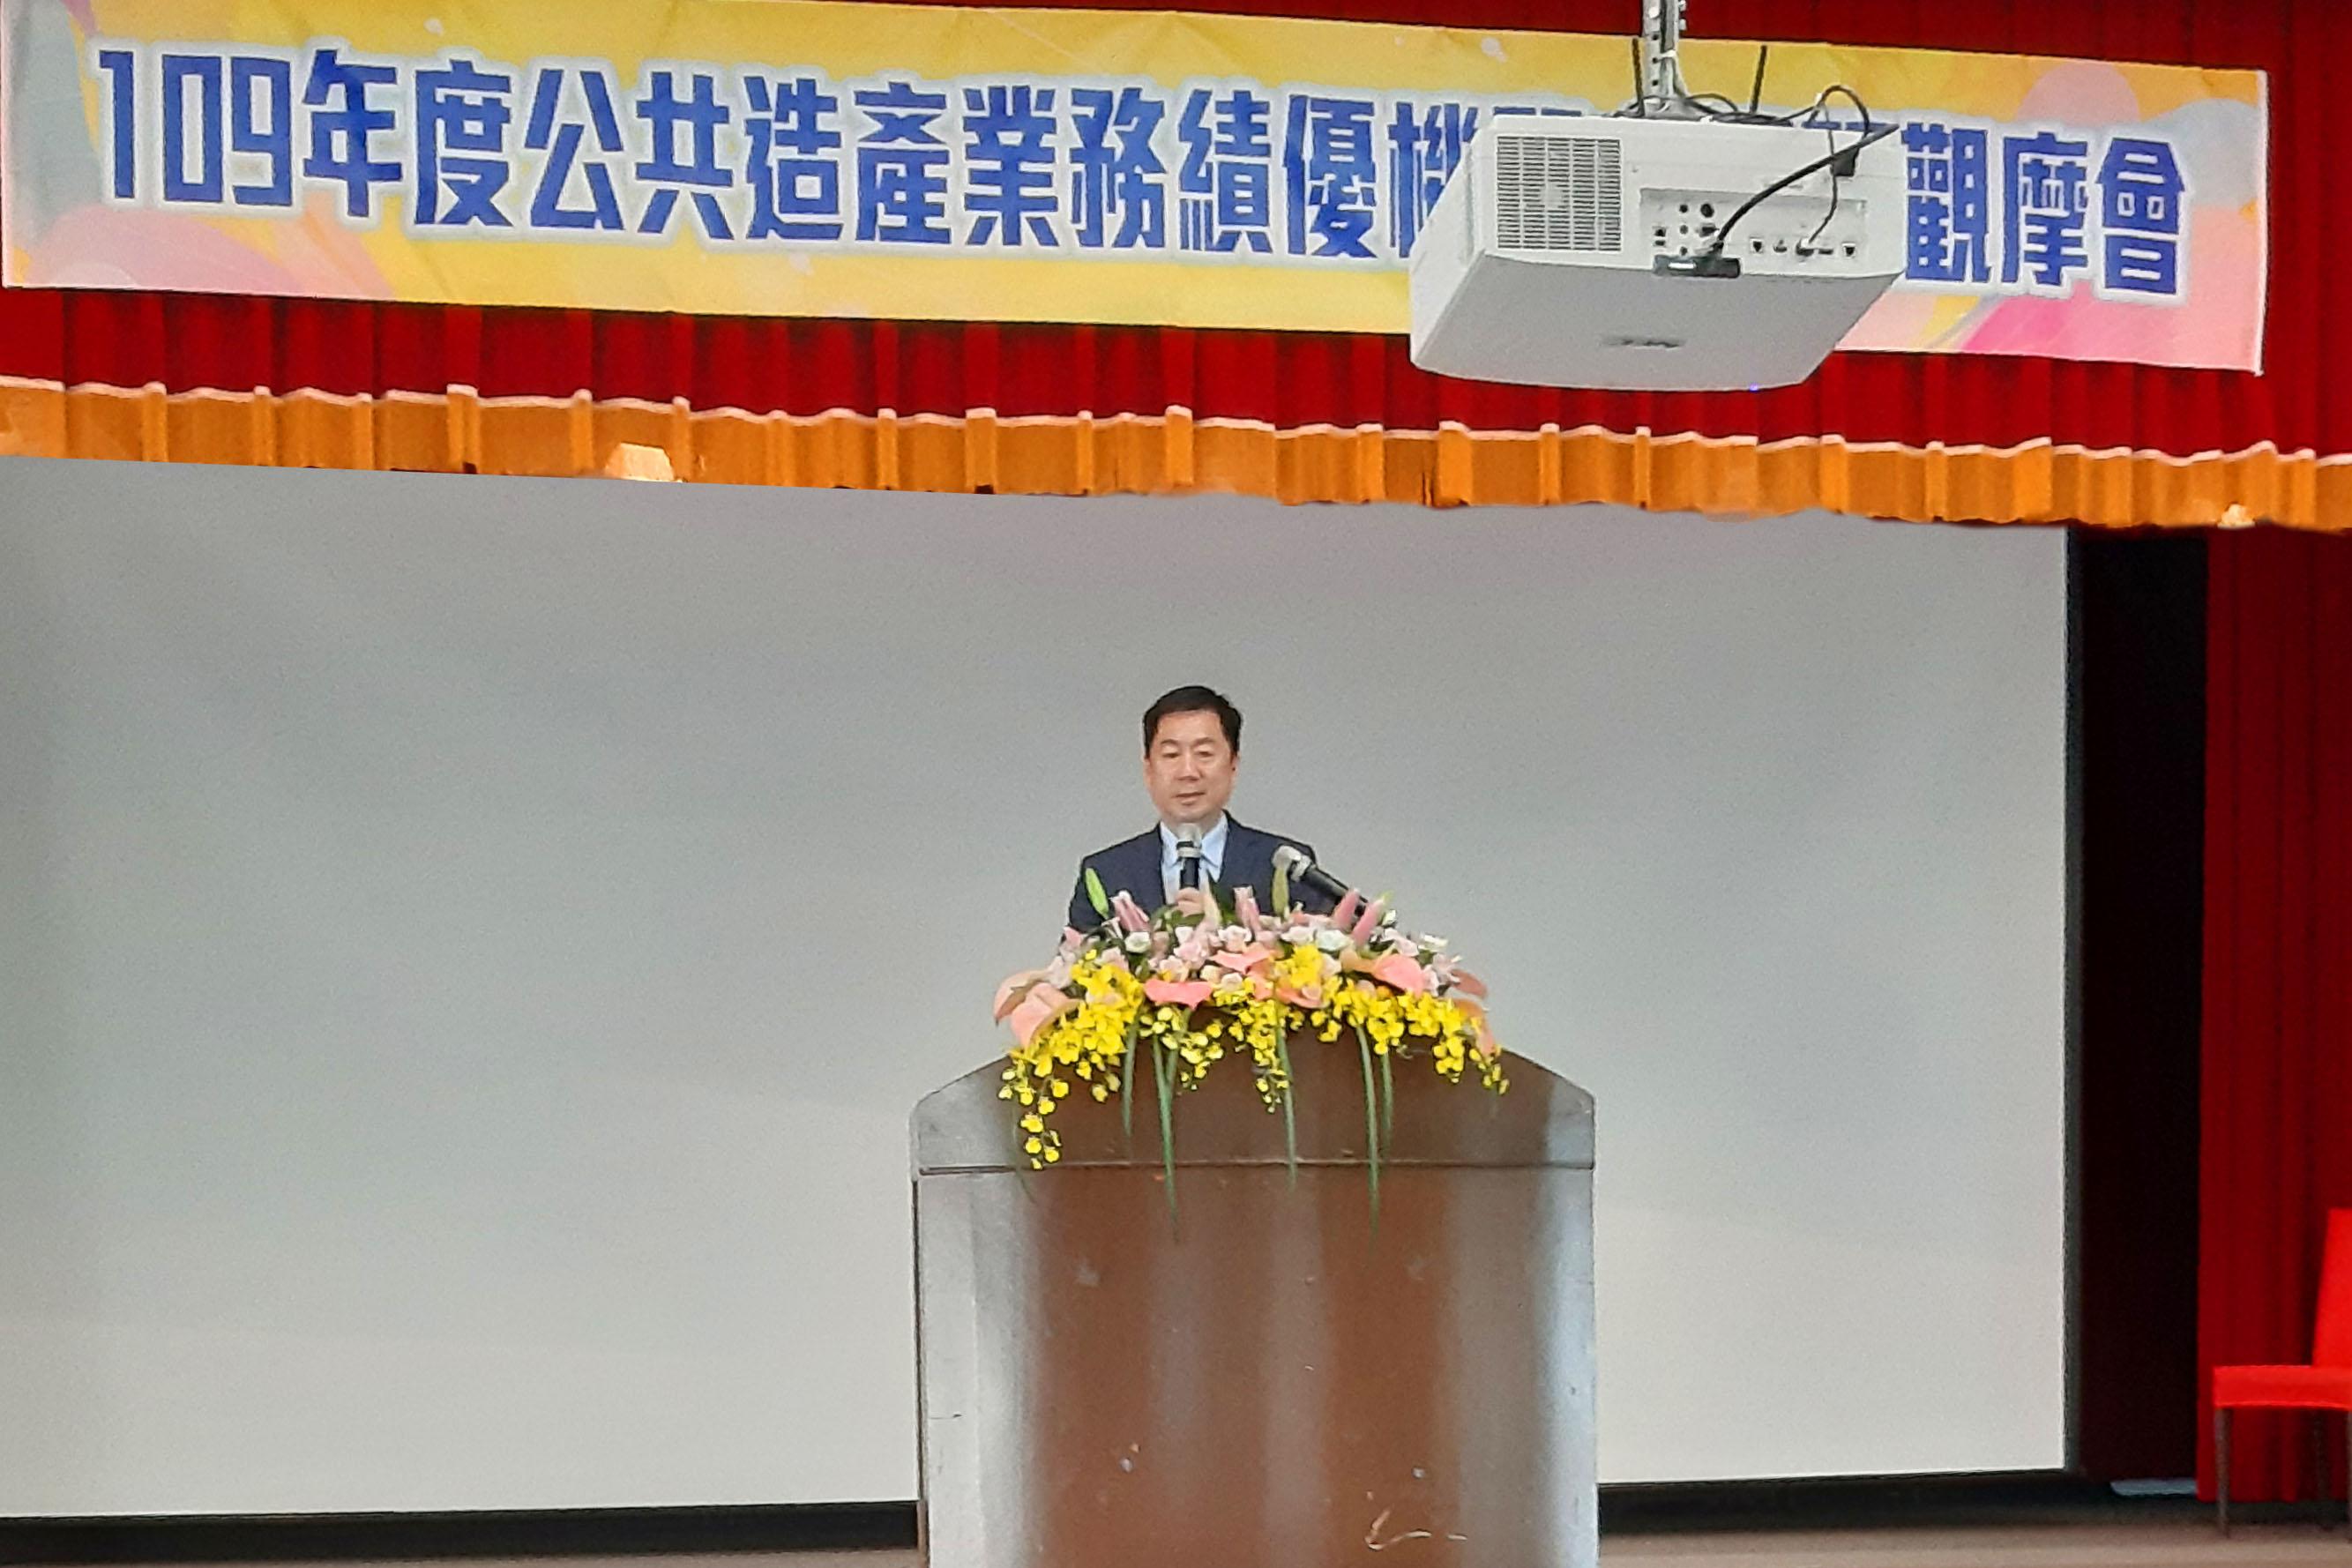 陳宗彥次長出席並致詞鼓勵地方持續納入公共造產永續經營